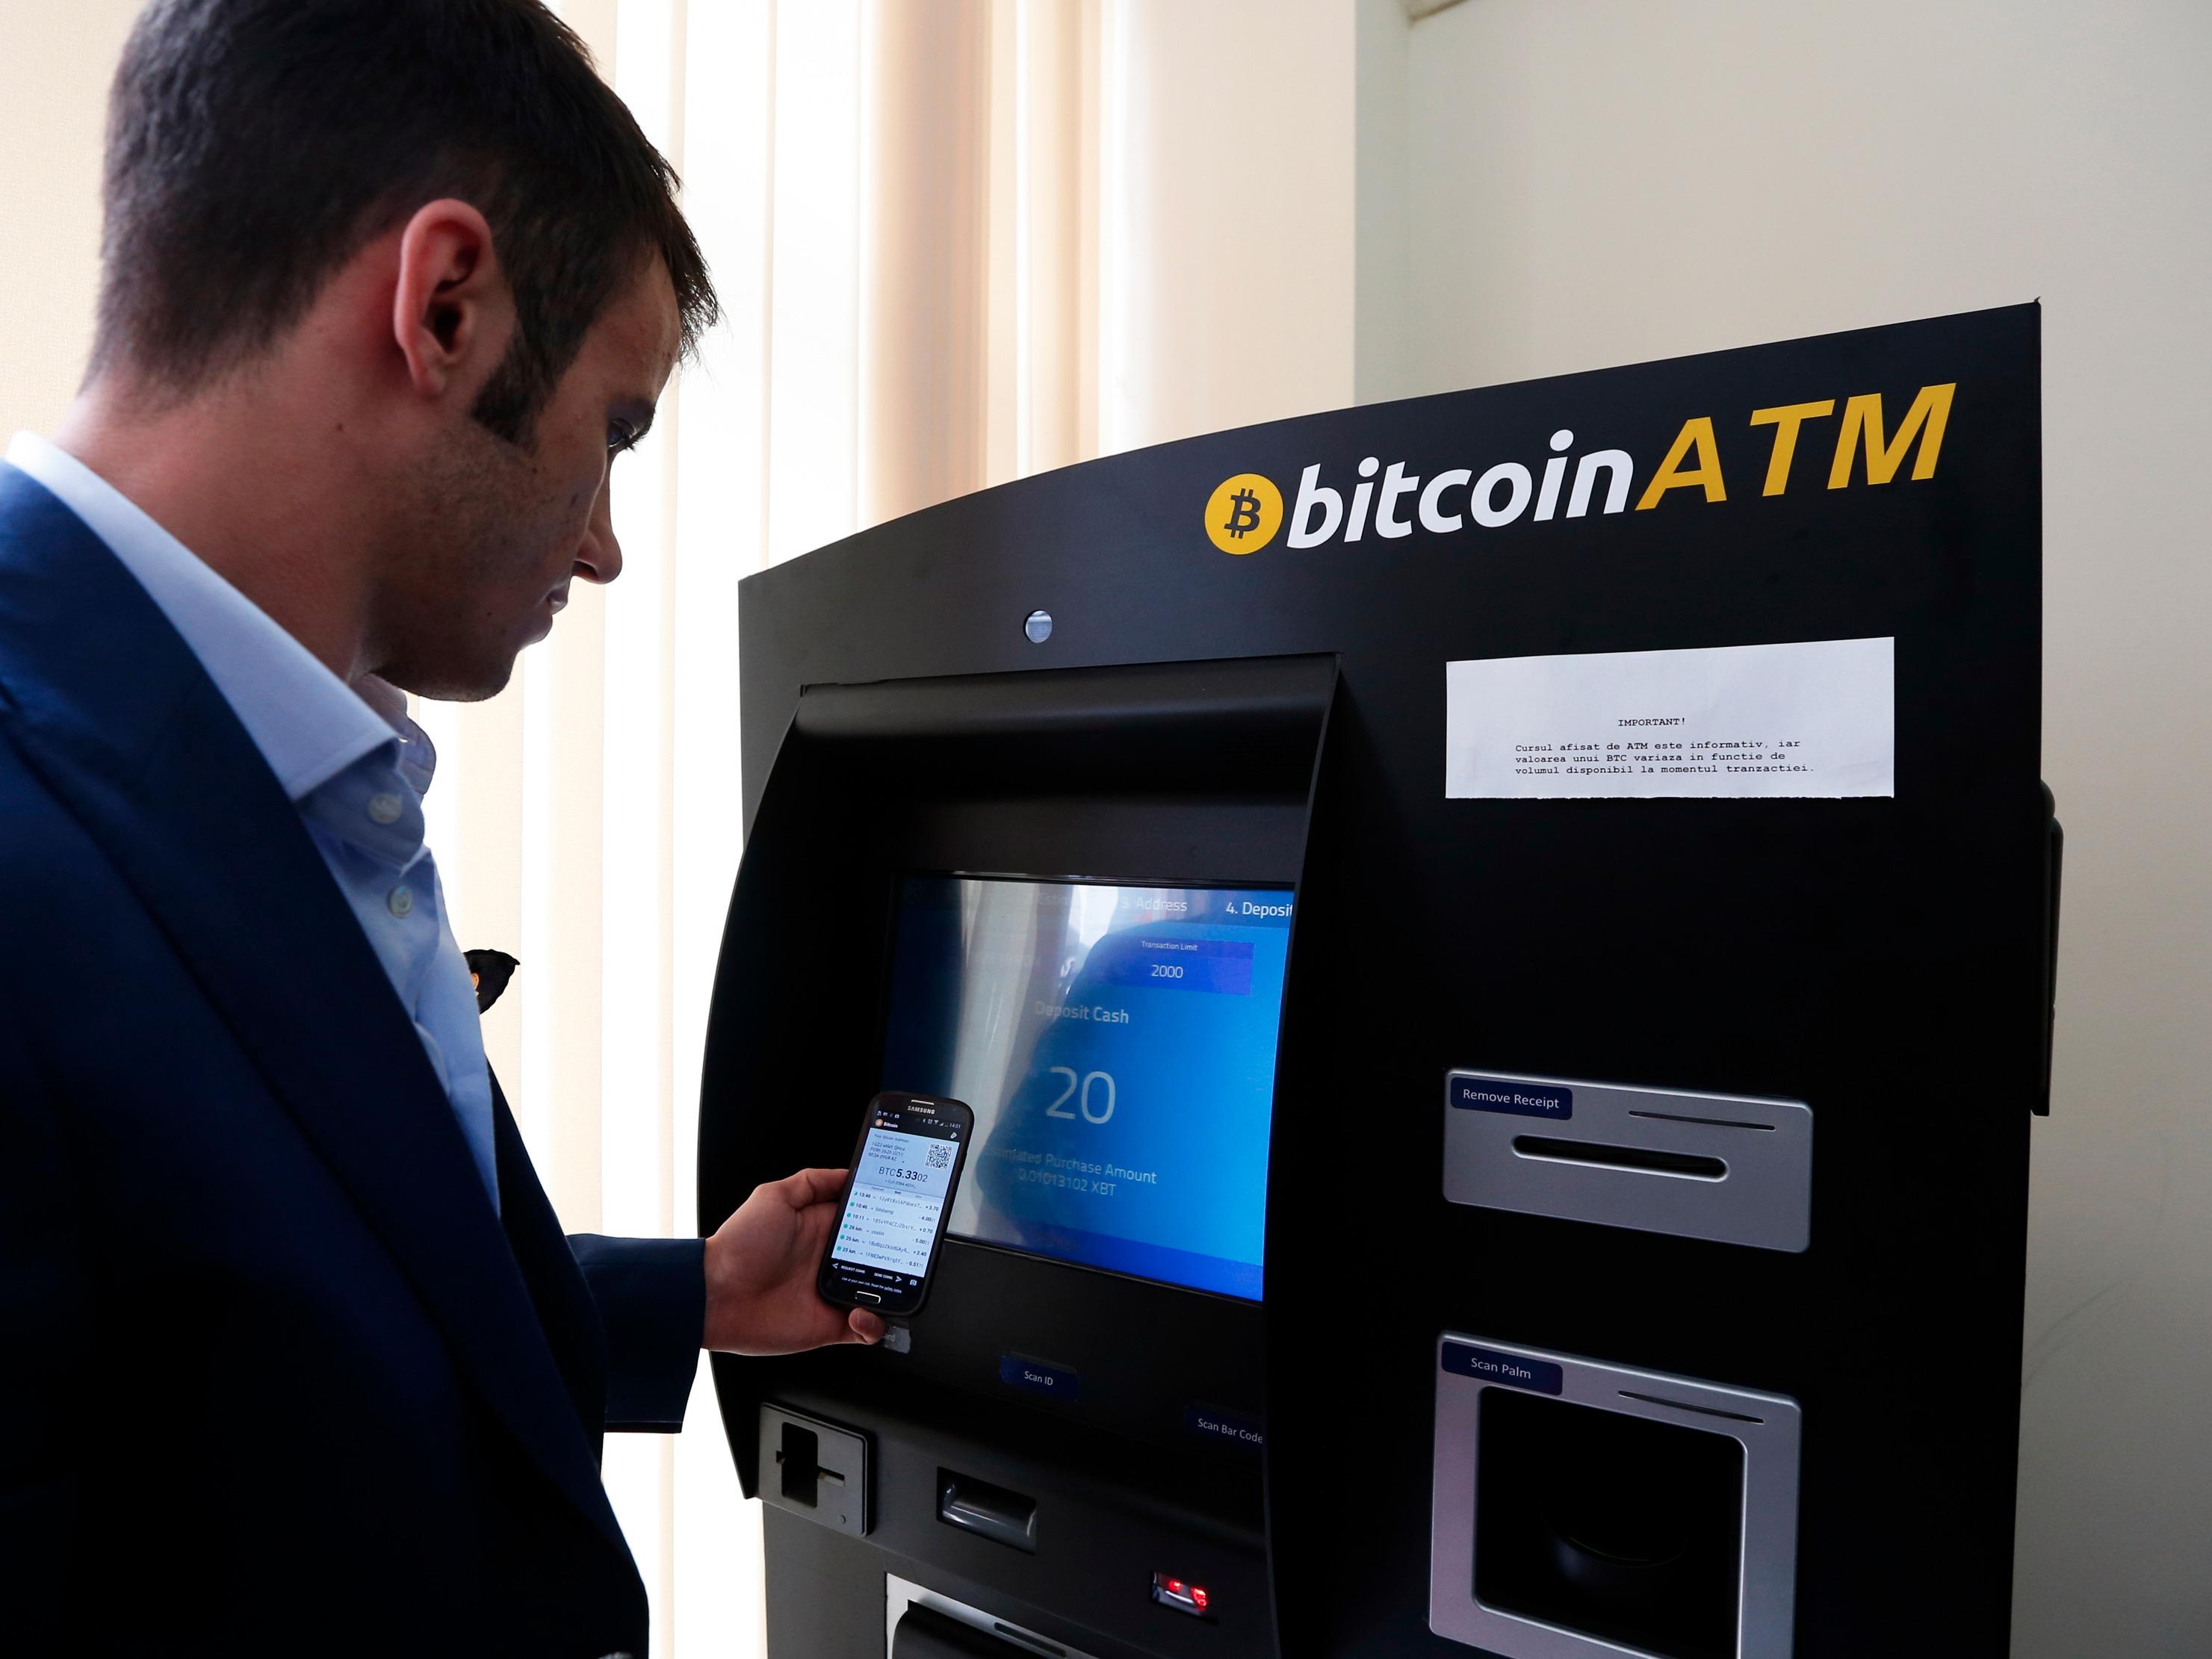 https://coinnet.ru/wp-content/uploads/2017/05/bitcoin_12.jpg